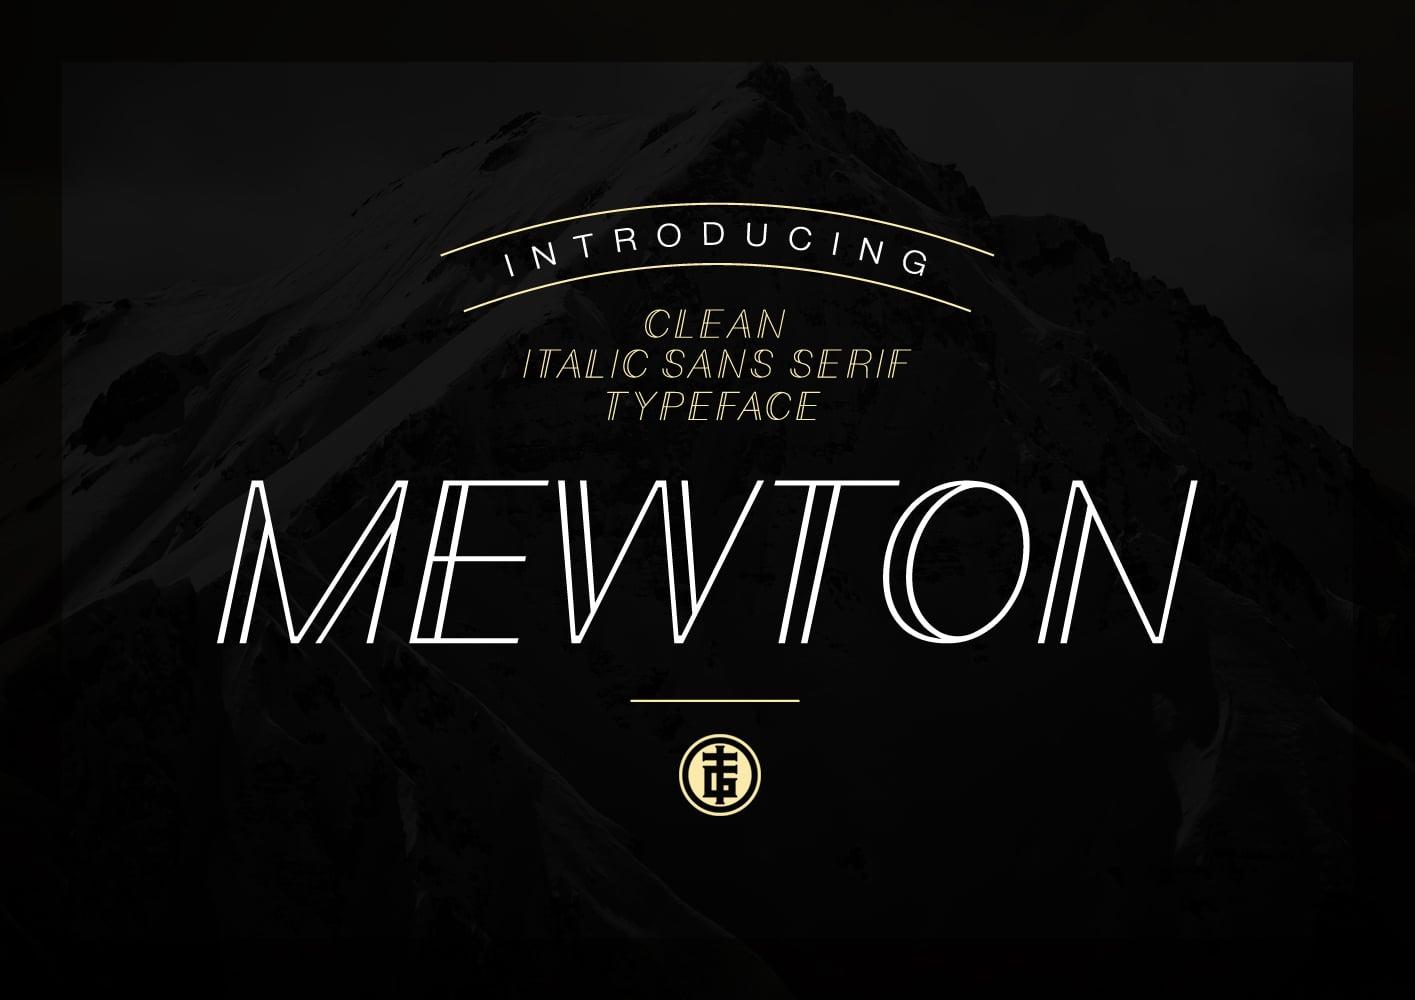 tgif-mewton-01